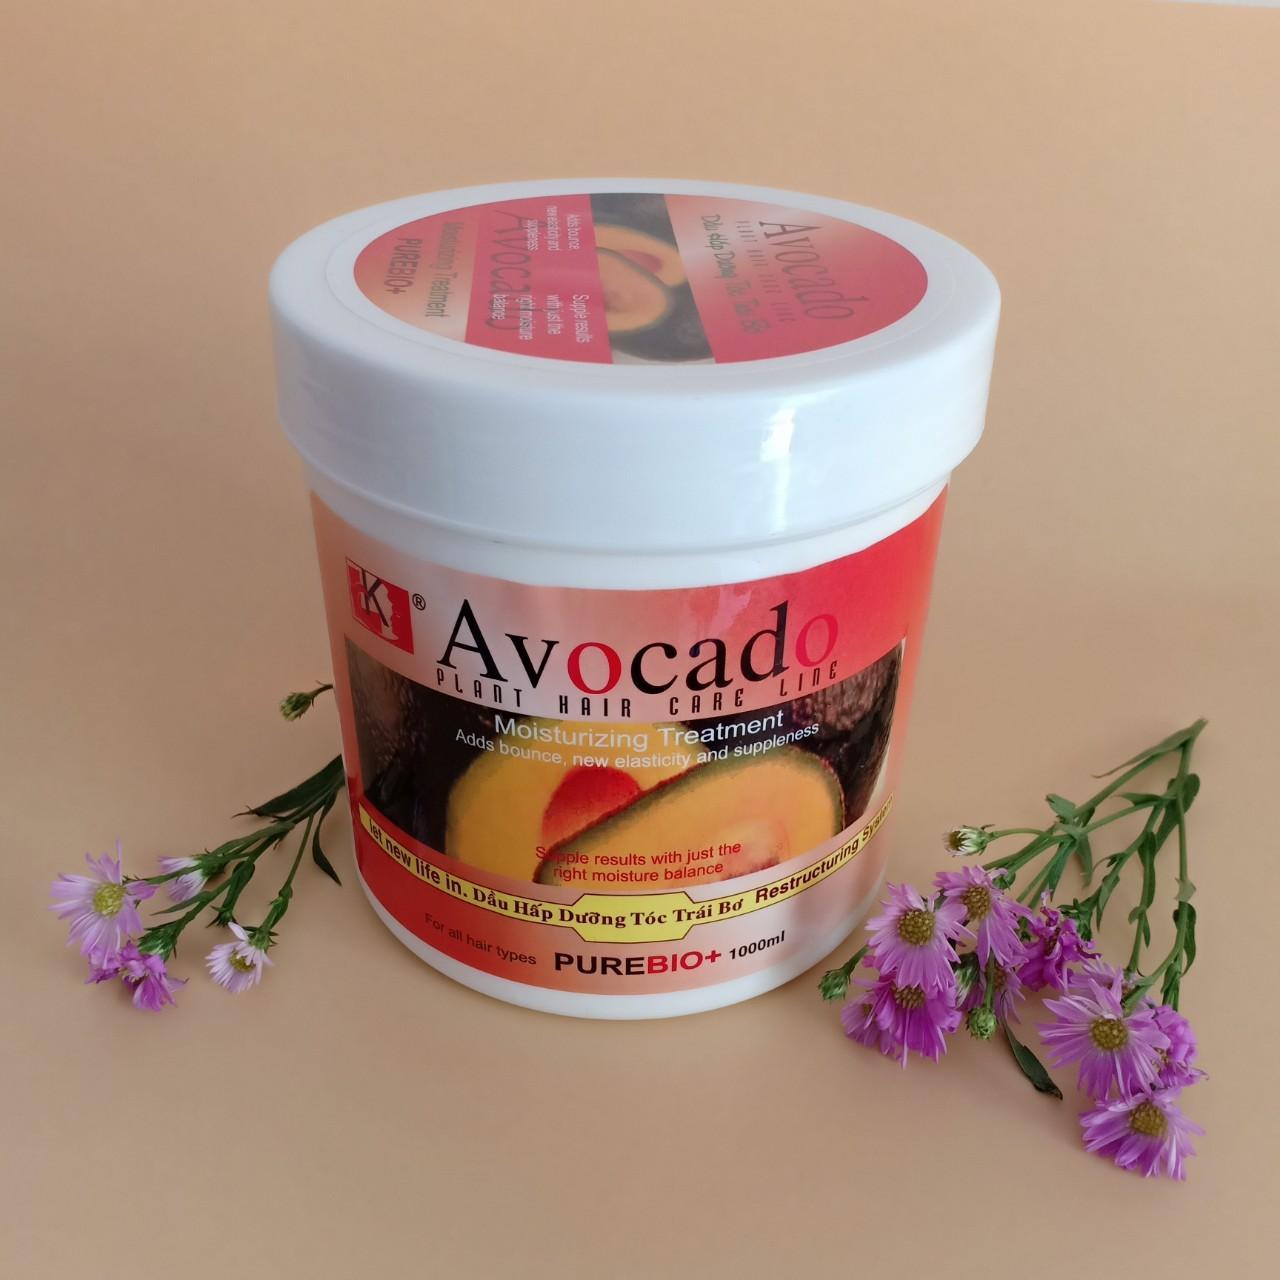 Dầu hấp dưỡng tóc trái bơ (1000ml) giá rẻ